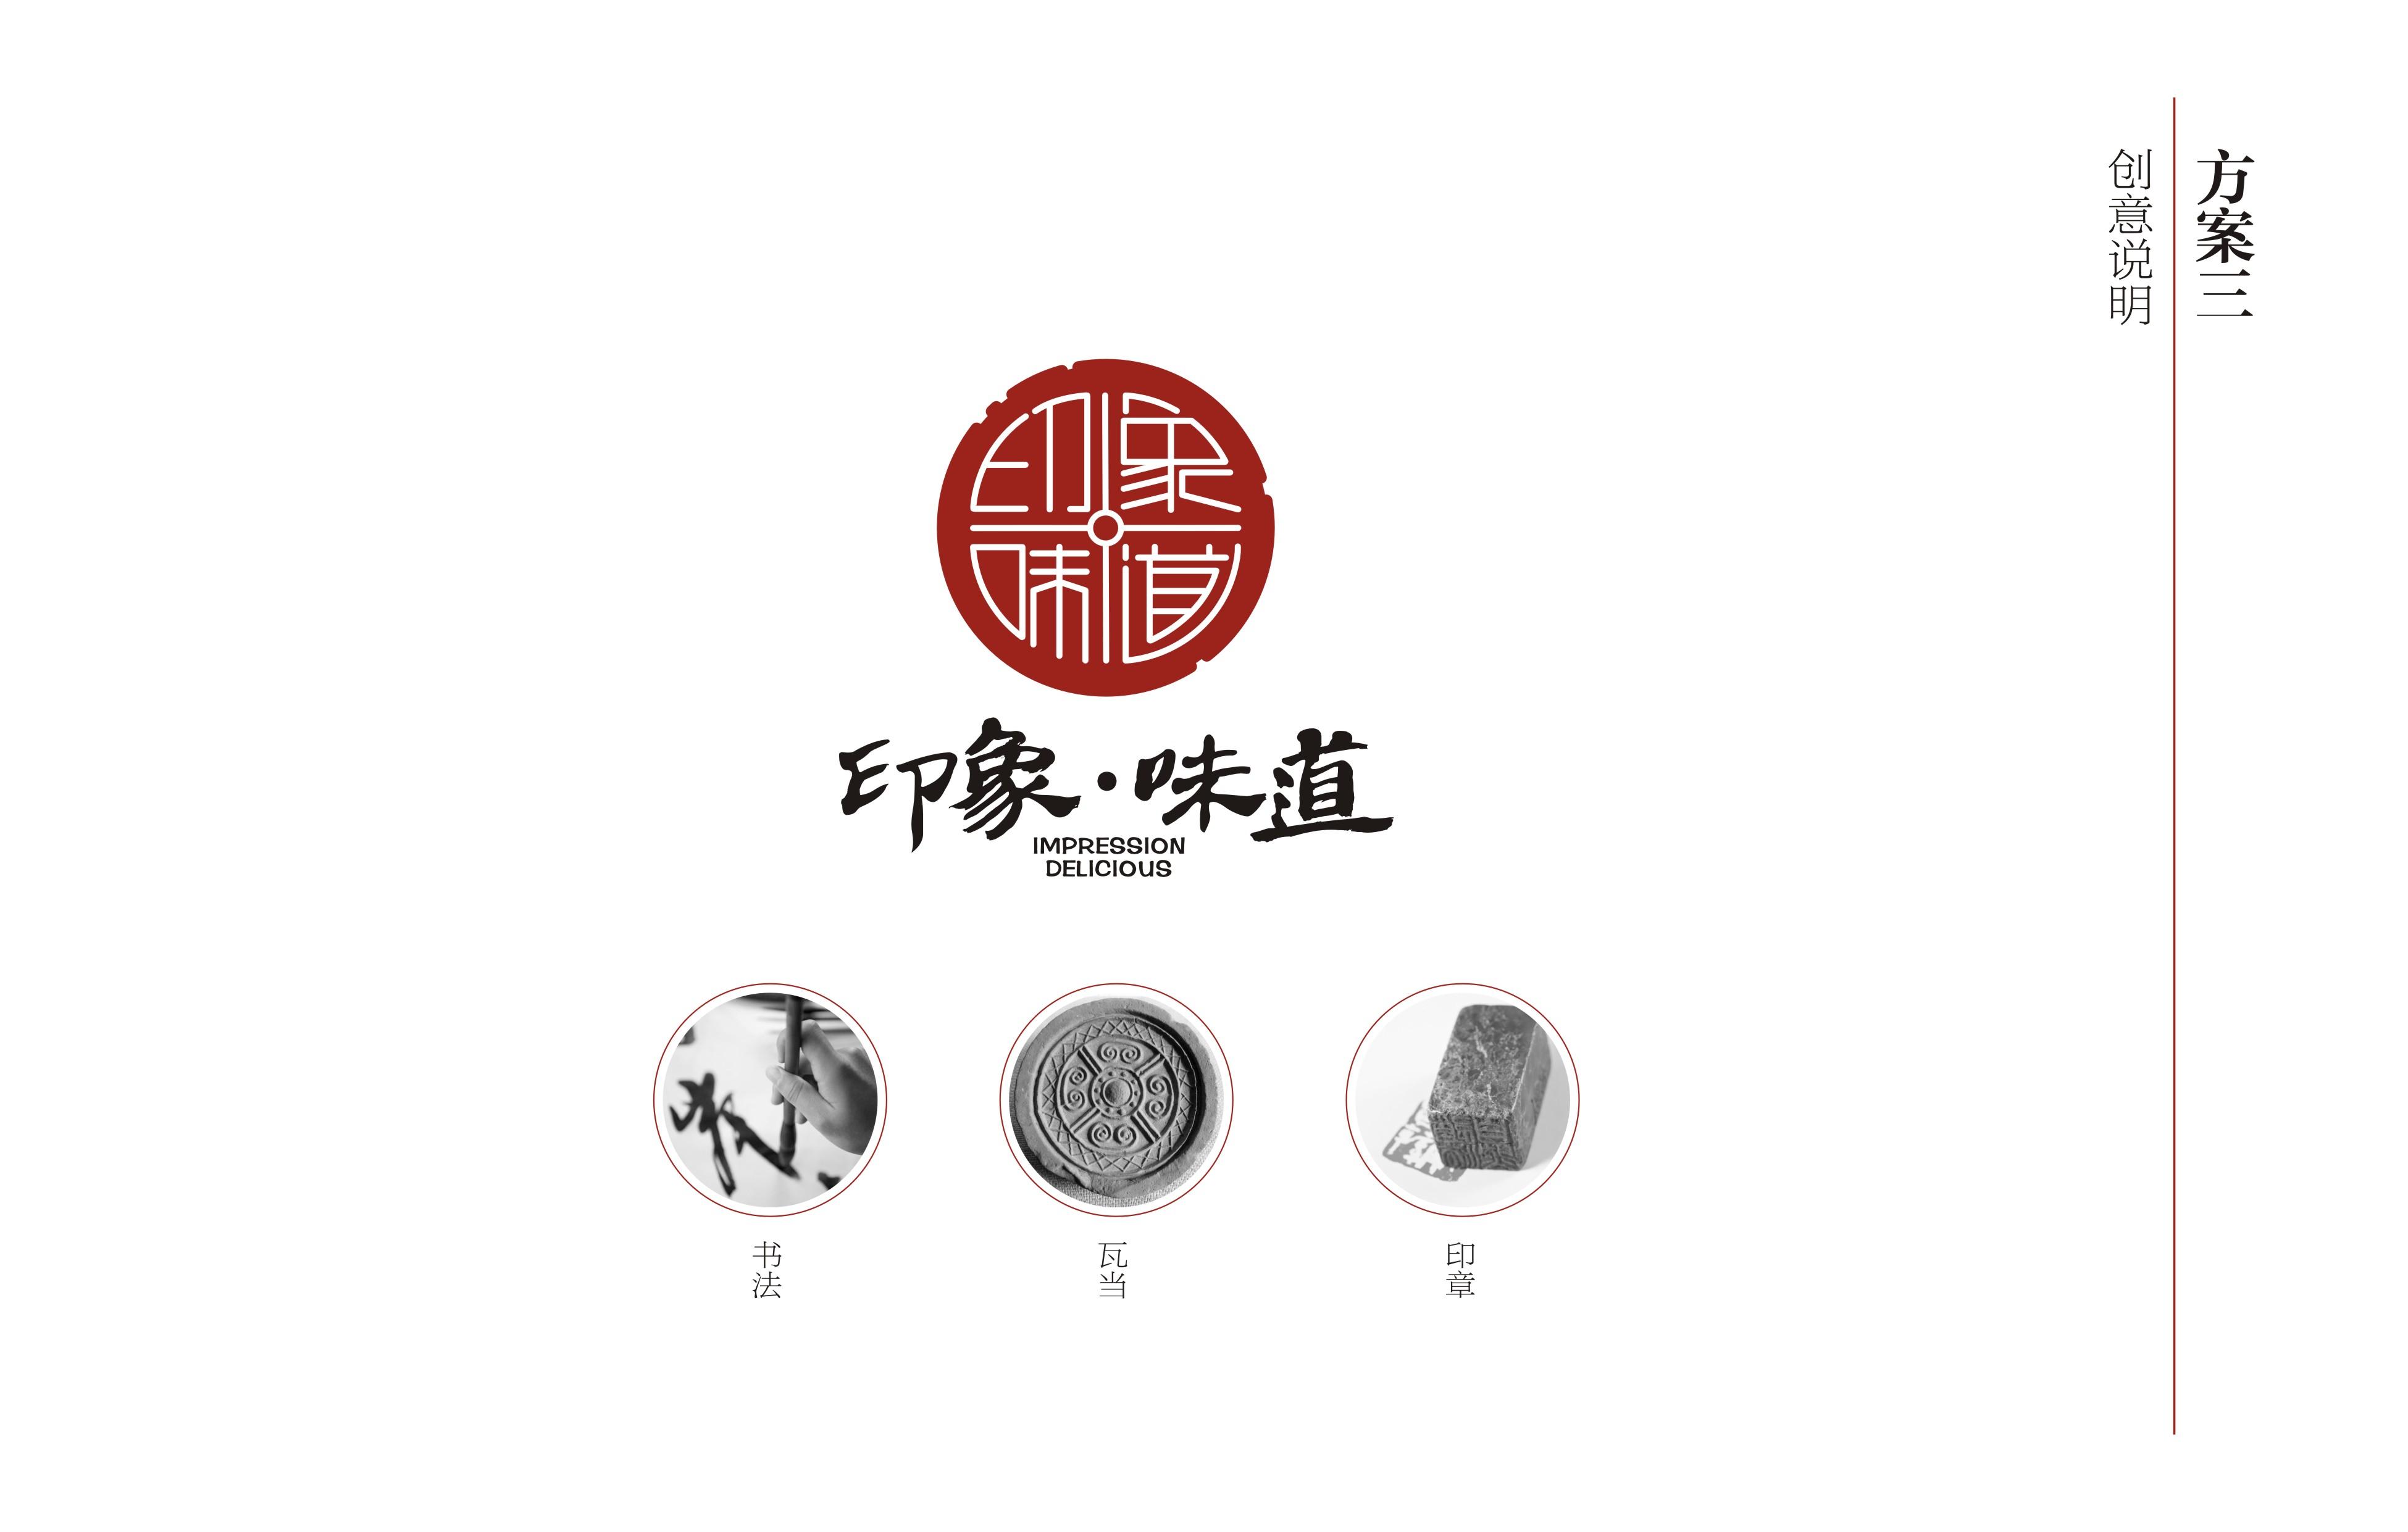 餐厅logo设计 平面 标志 nb-pop - 原创作品 - 站酷